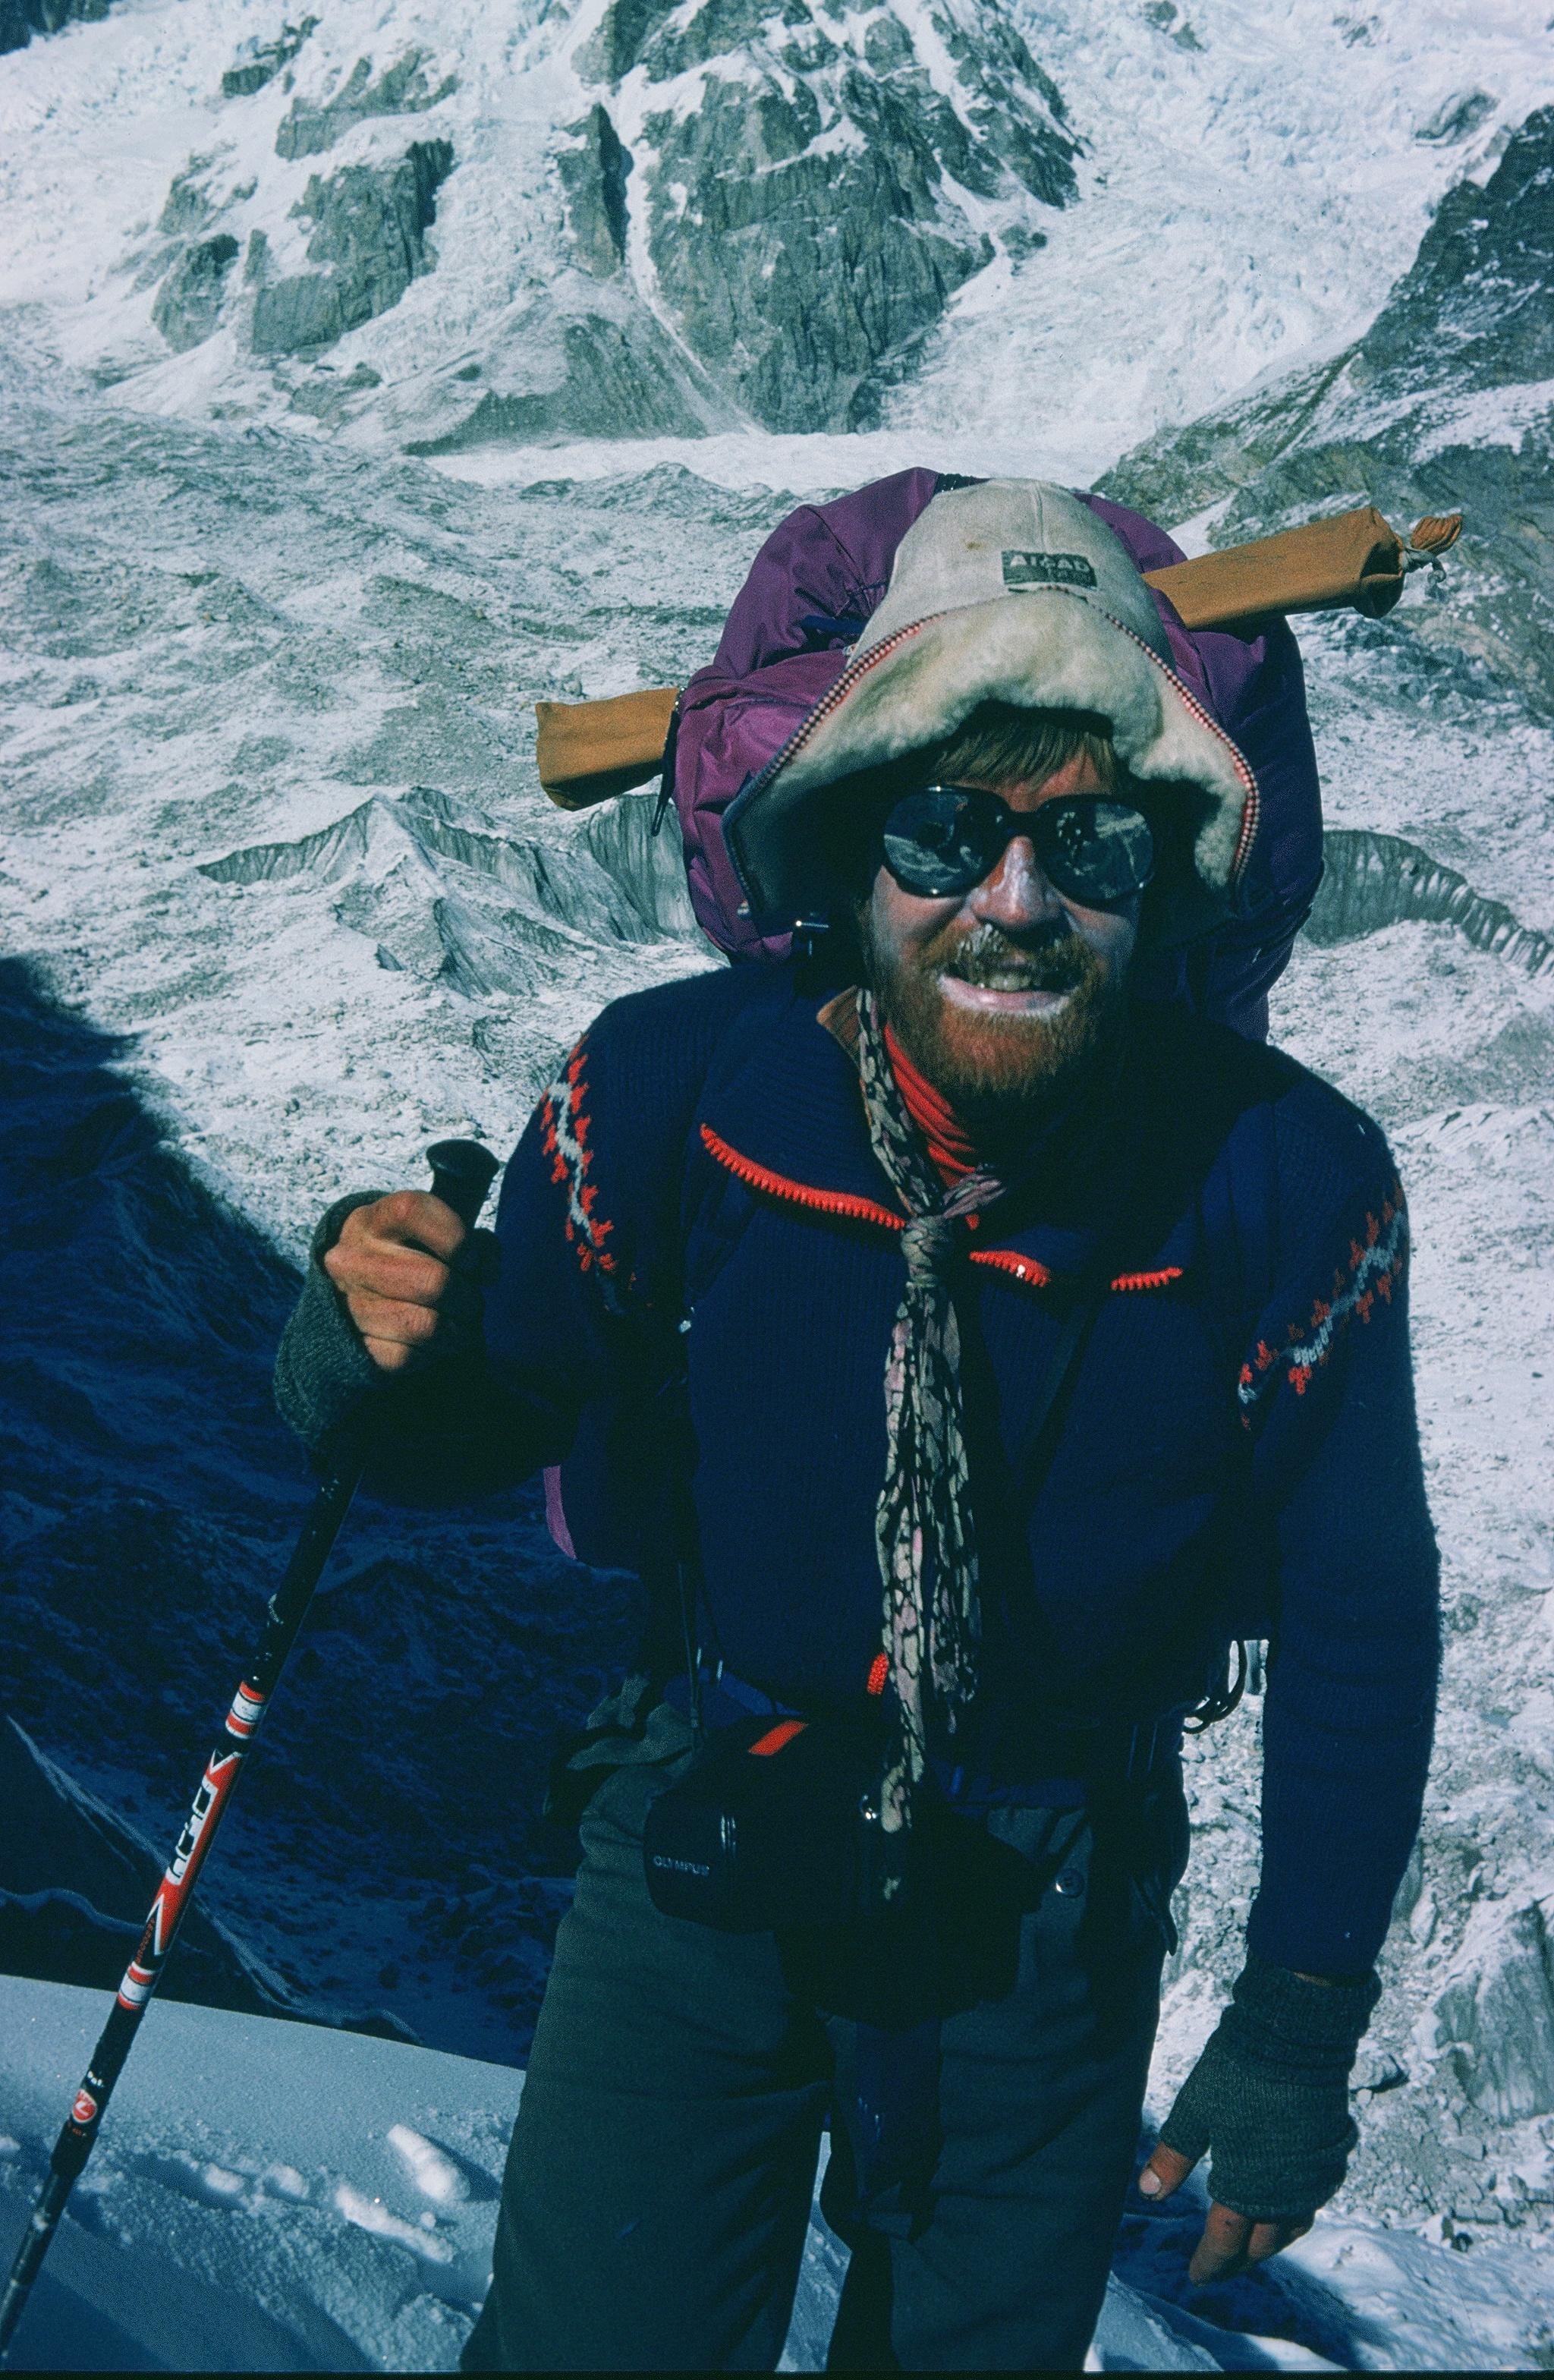 Cho Oyu 8.188 m - Himalaya, Nepal Erstdurchsteigung der 3.000 m hohen SO-Wand. Edi KoblmŸller und Alois Furtner erreichten am 27. Okt. 1978 um 17.00 den Gipfel Foto: Furtner Im Bild: Edi KoblmŸller beim Erreichen des sicheren Basislagers am 1. Nov. 1978